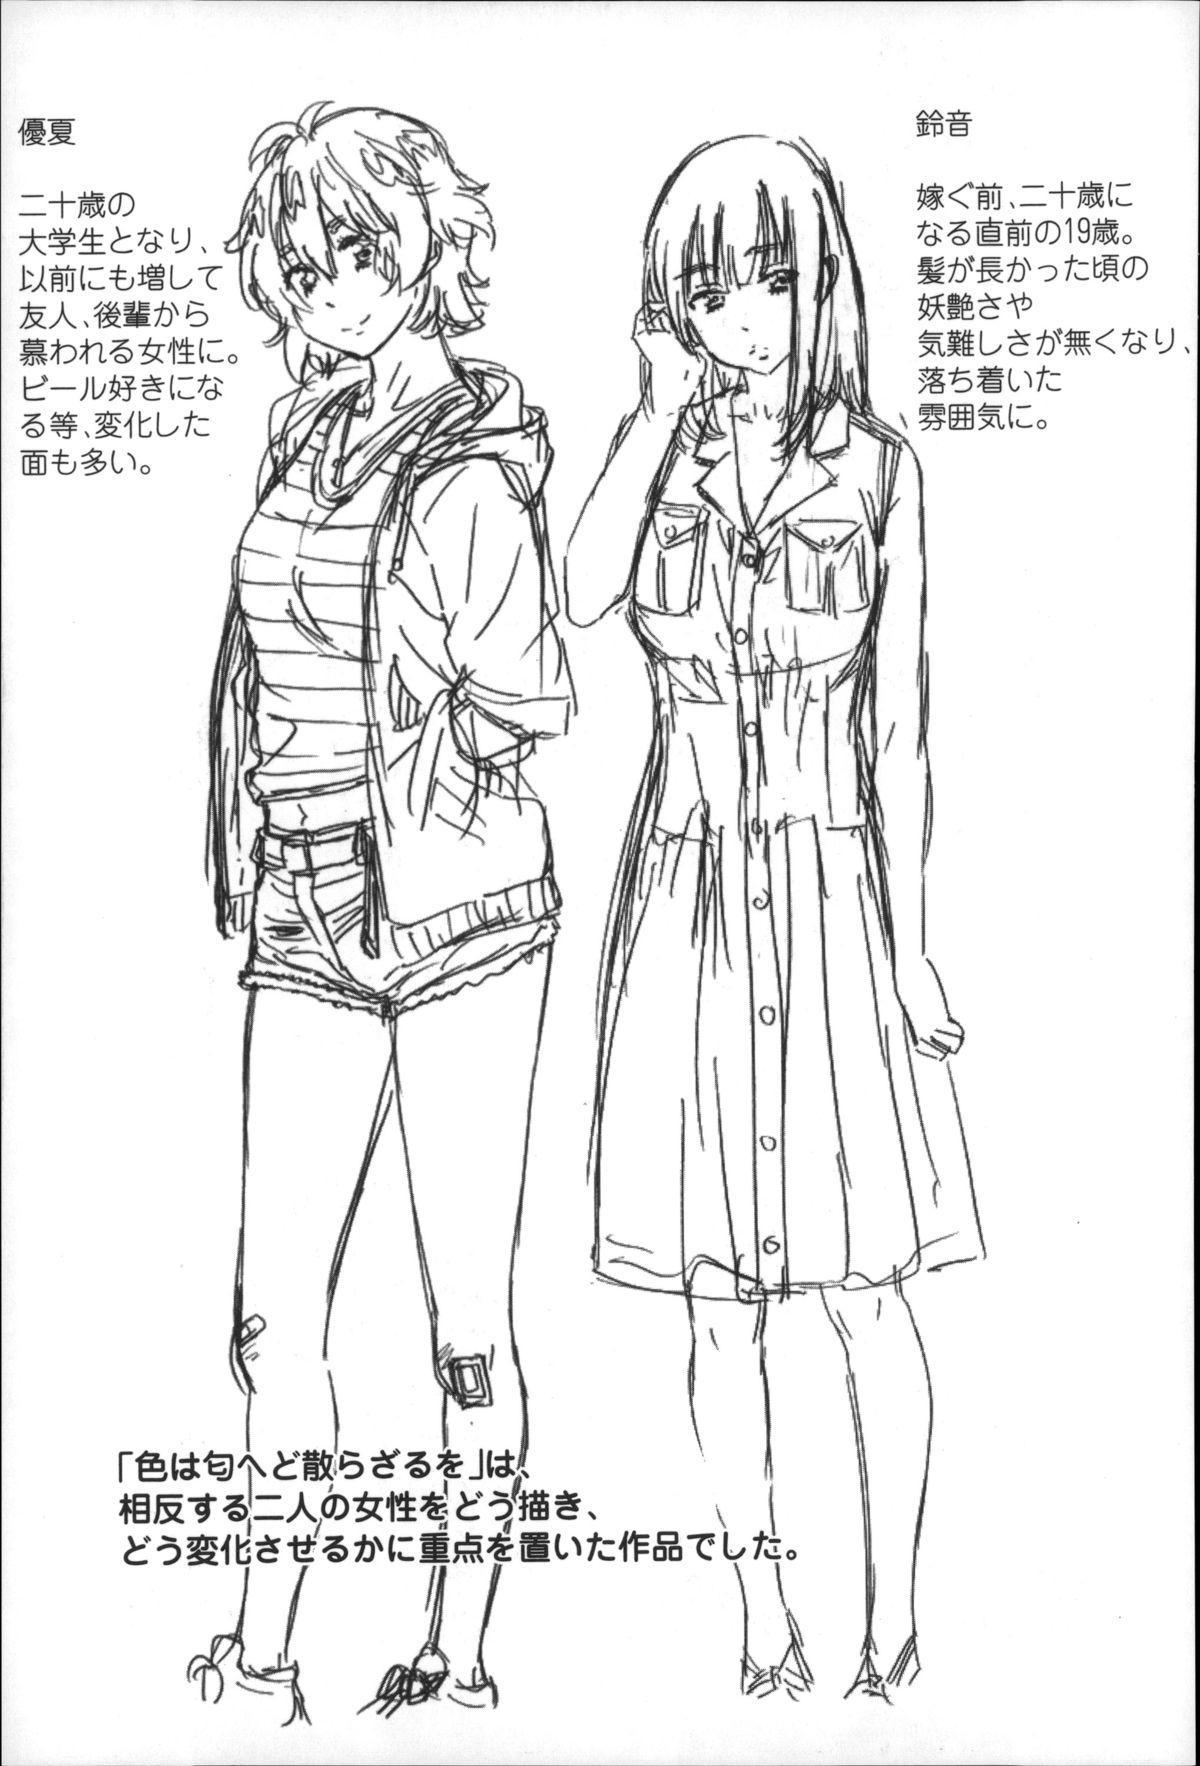 Choushin de Mukuchi no Kanojo ga Hatsujou Shite Kitara Eroiyo ne? 192